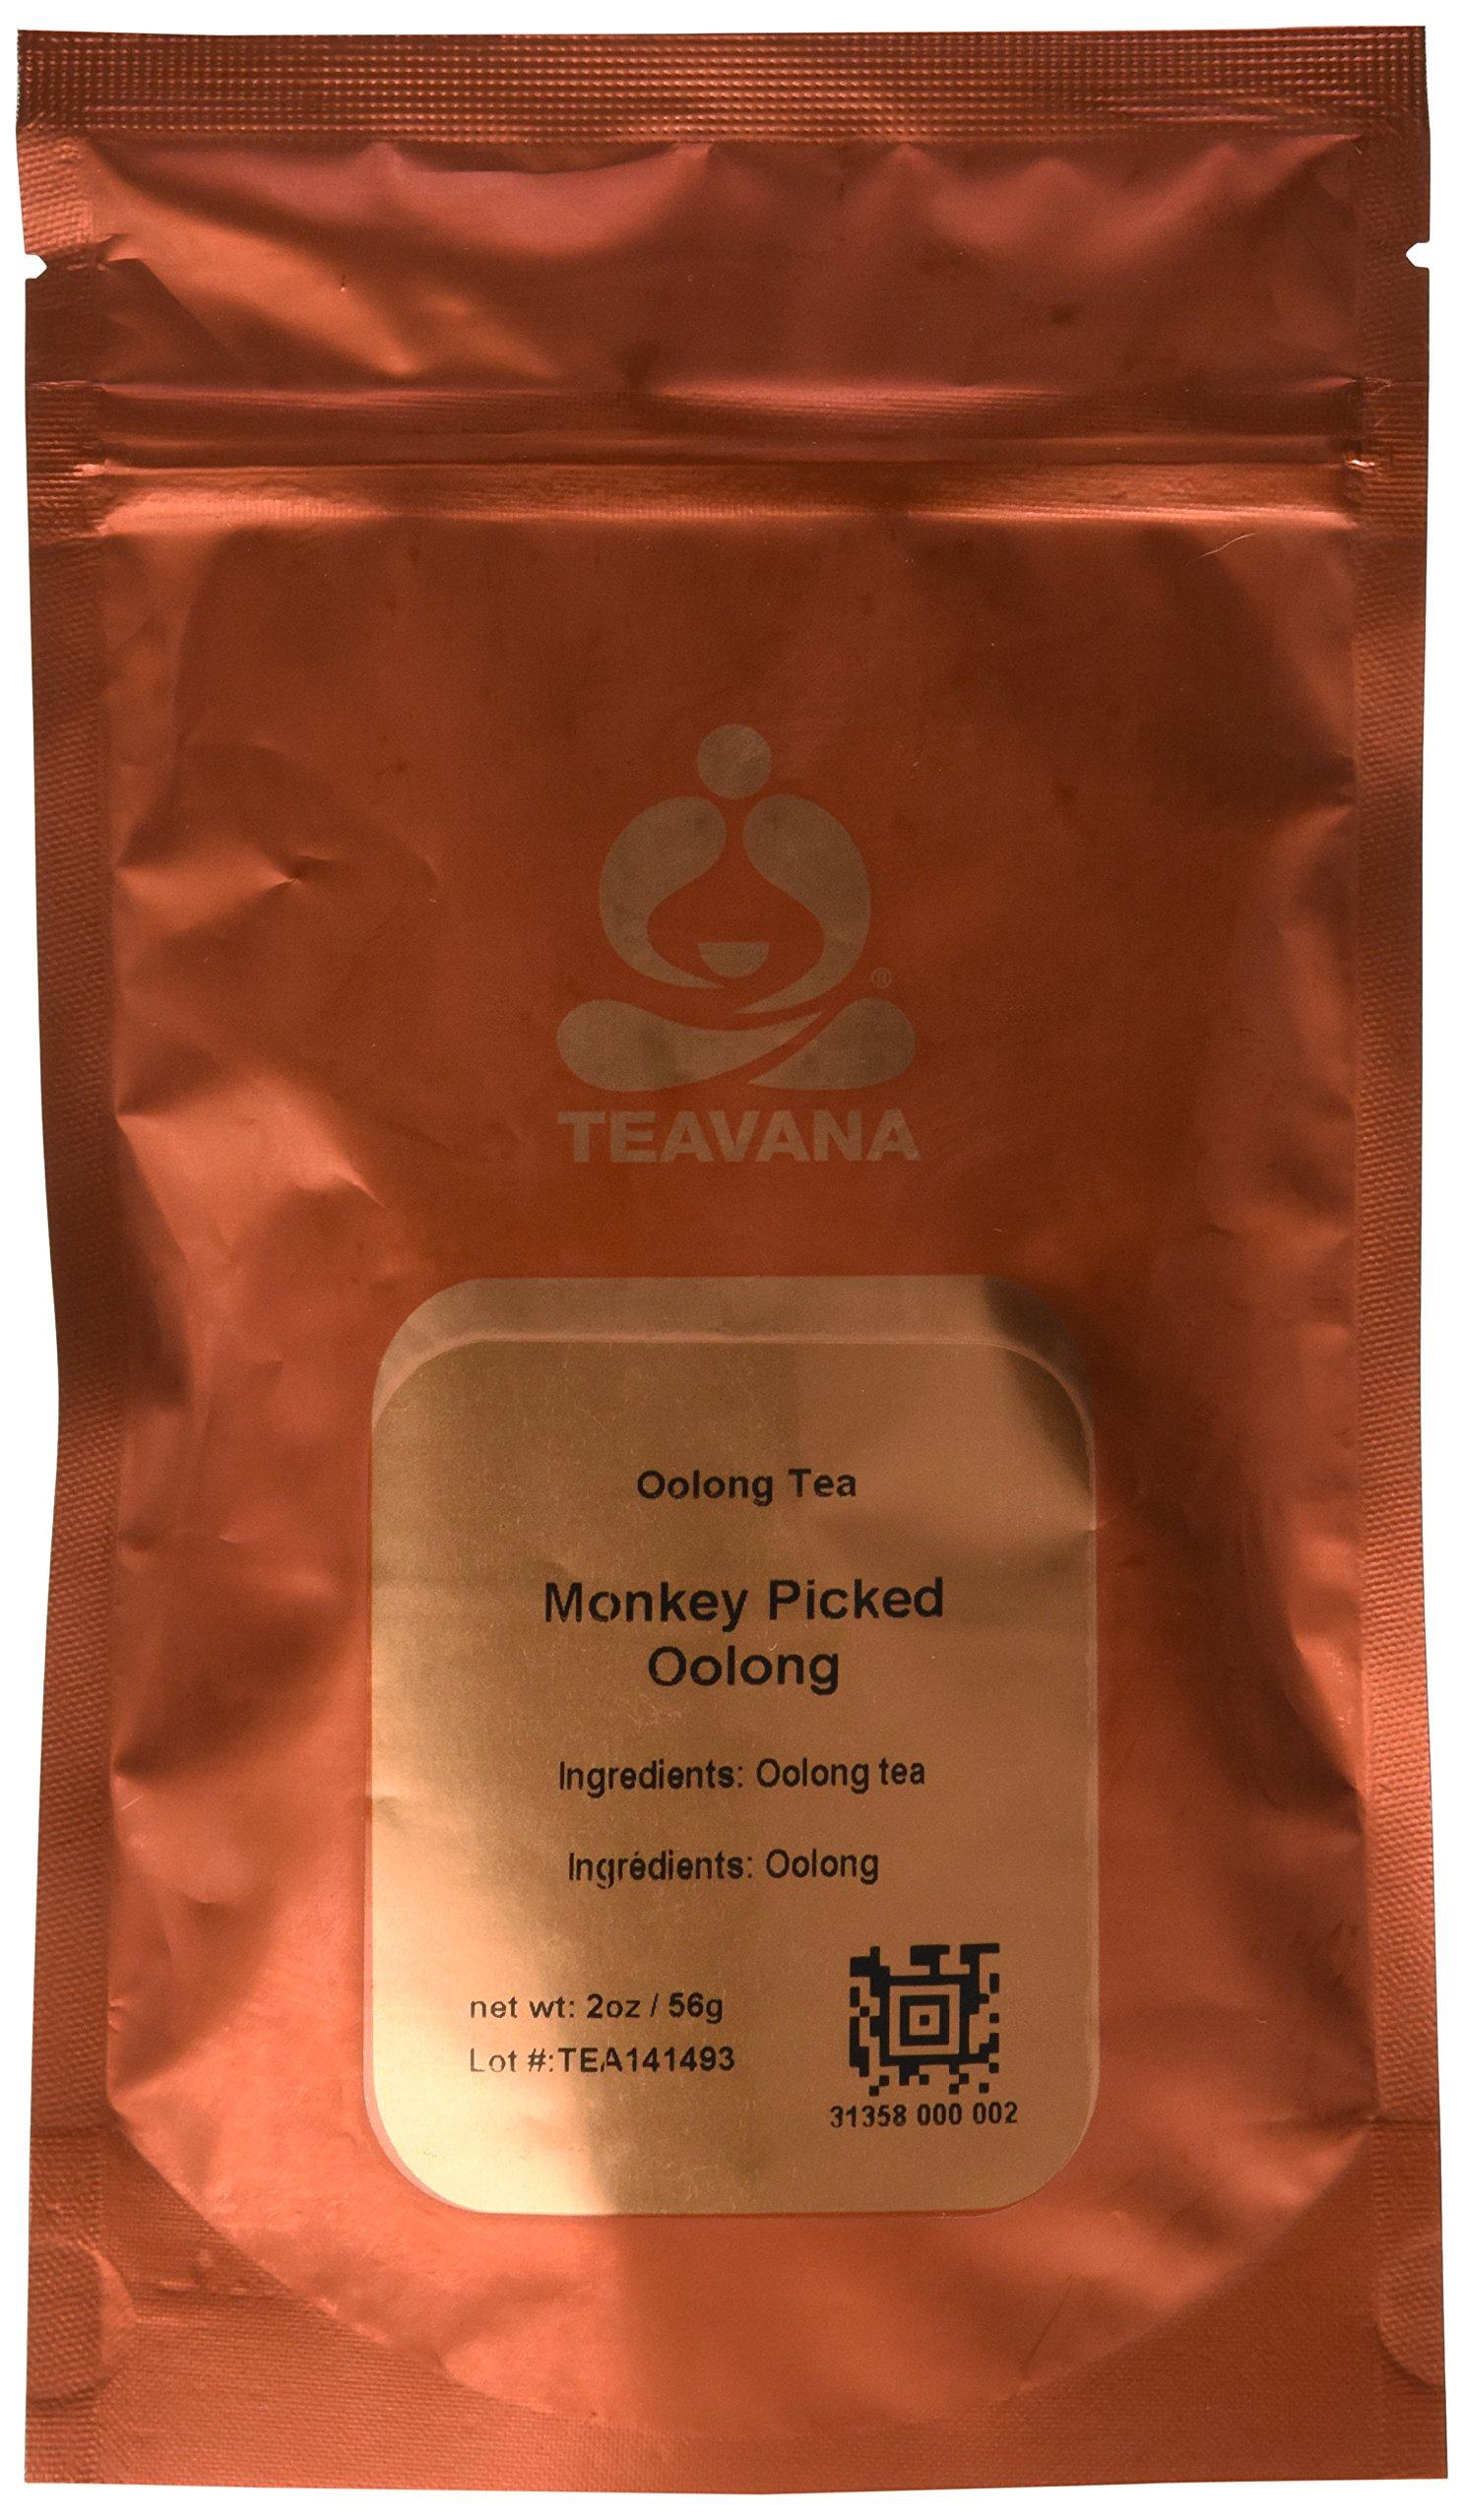 Teavana Monkey Picked Loose-Leaf Oolong Tea (2oz Bag)